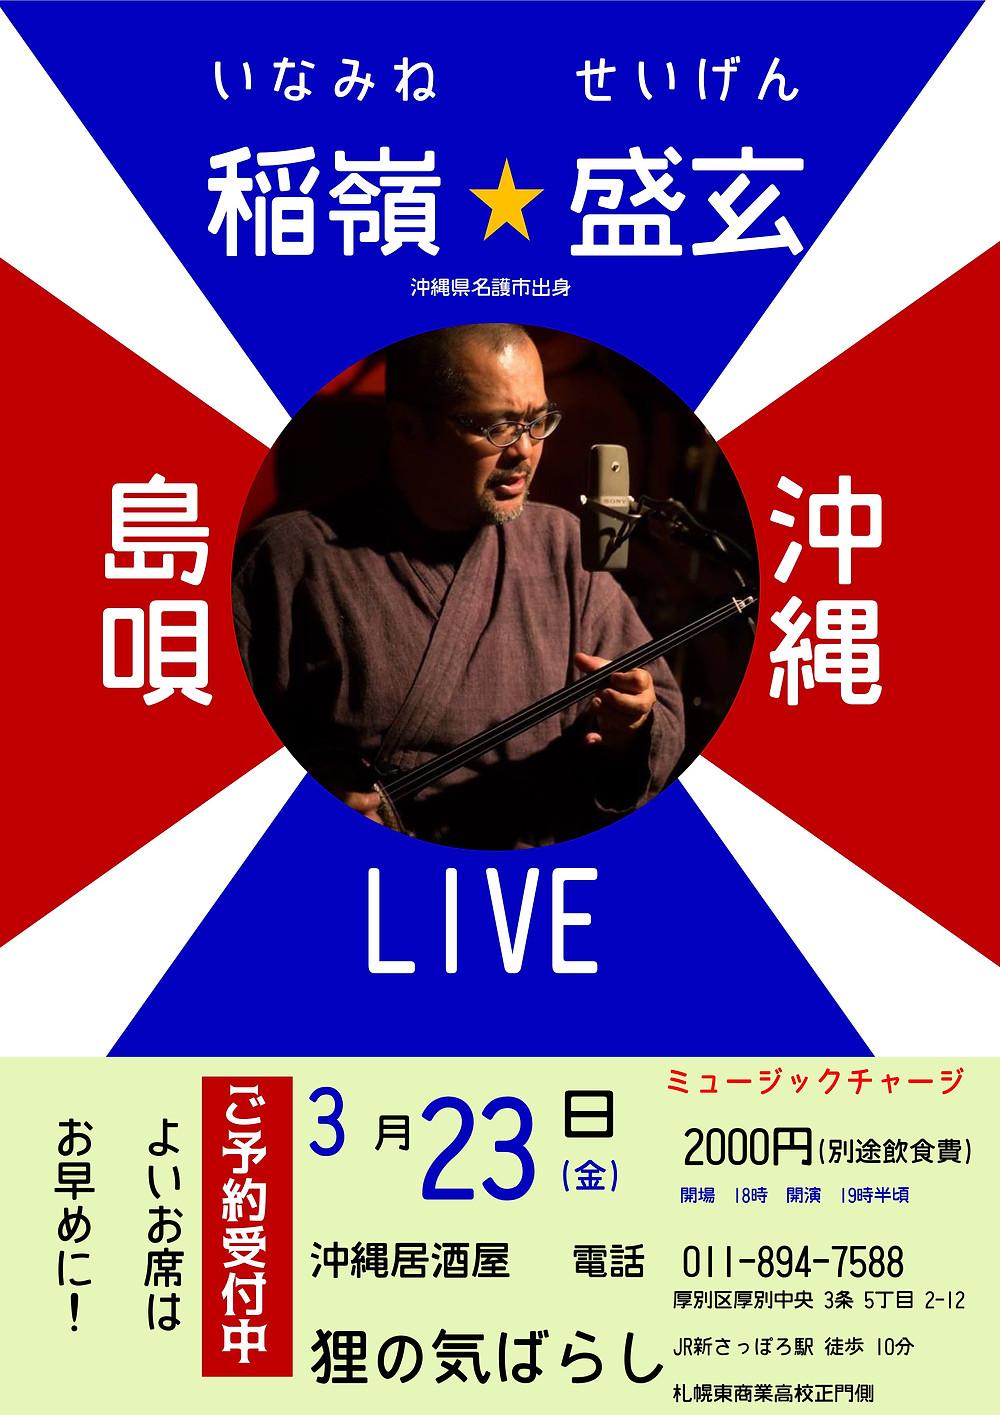 3月23日(金)稲嶺盛玄島唄LIVE